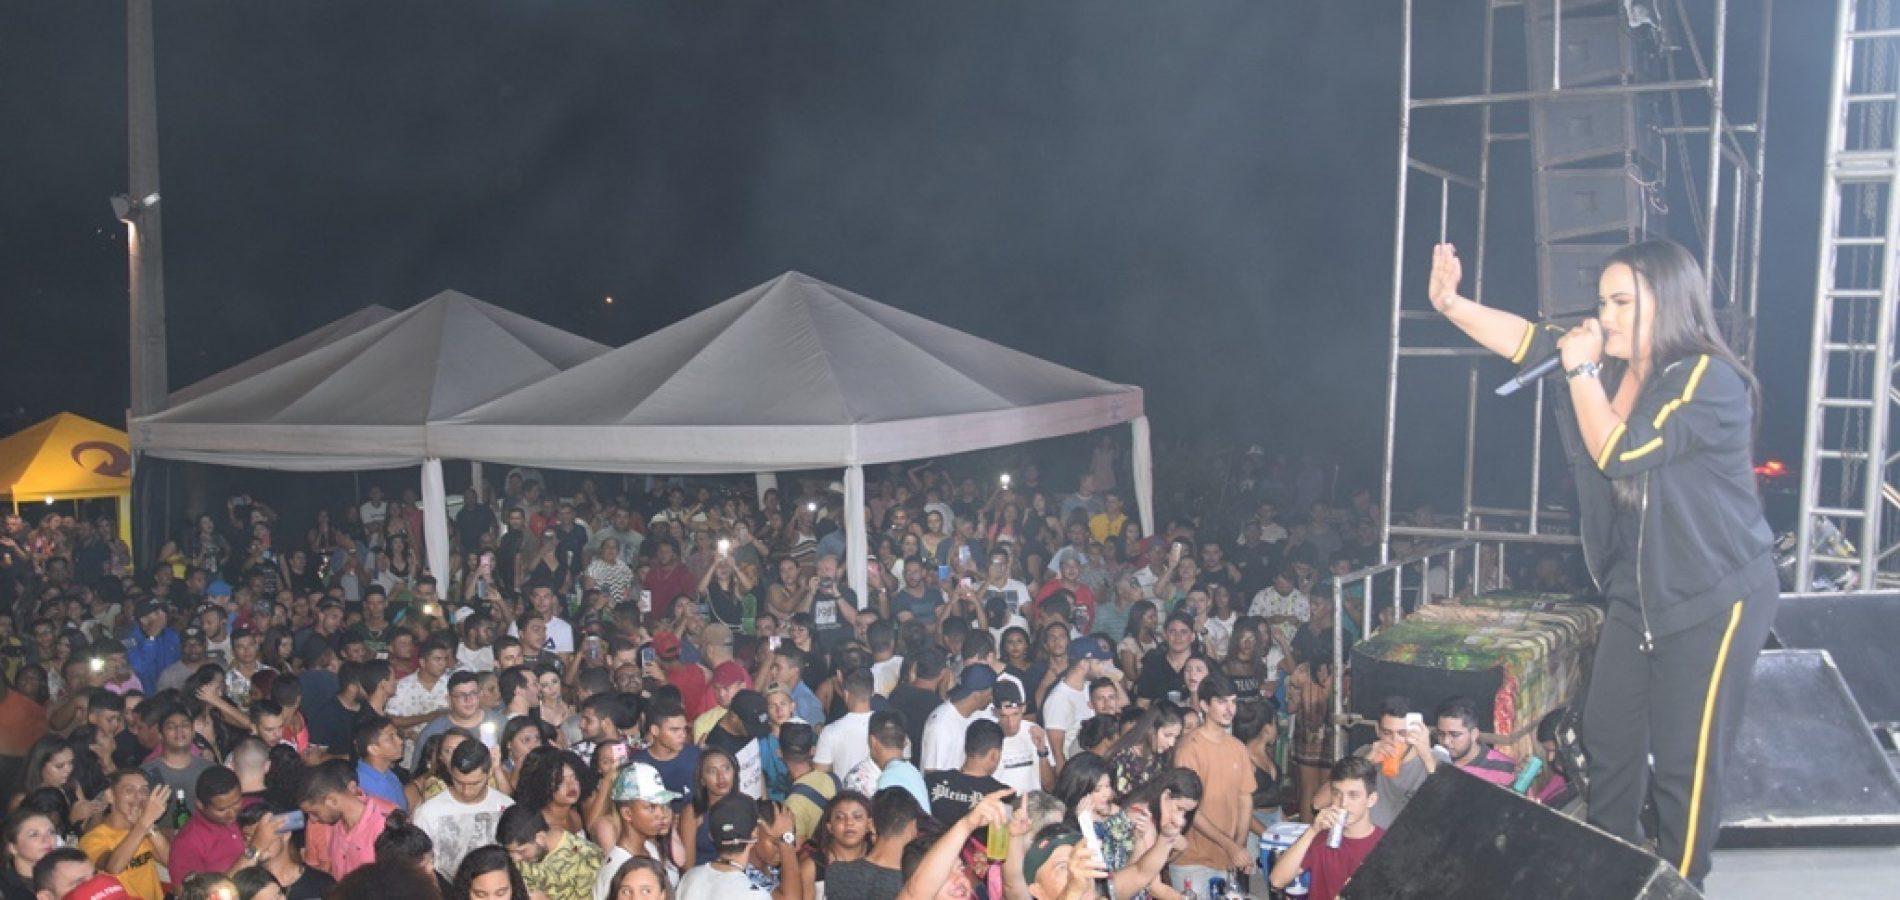 Confira imagens da 26ª festa de aniversário de Geminiano